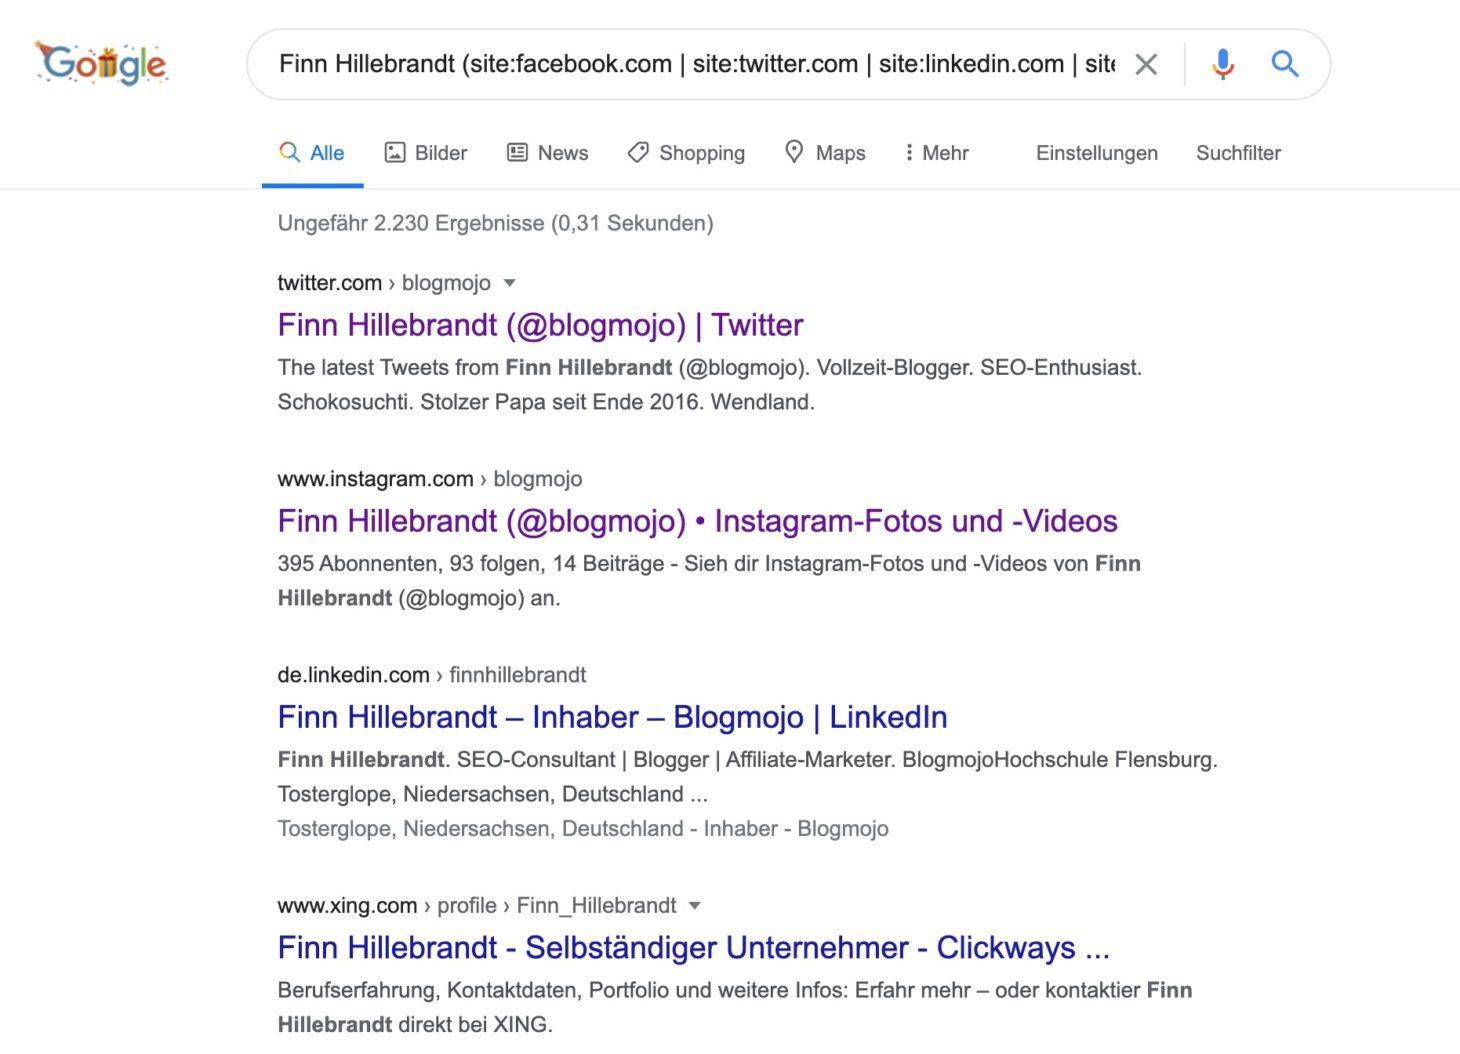 Google-Suchbefehle zum Finden der Social-Media-Profile einer Person